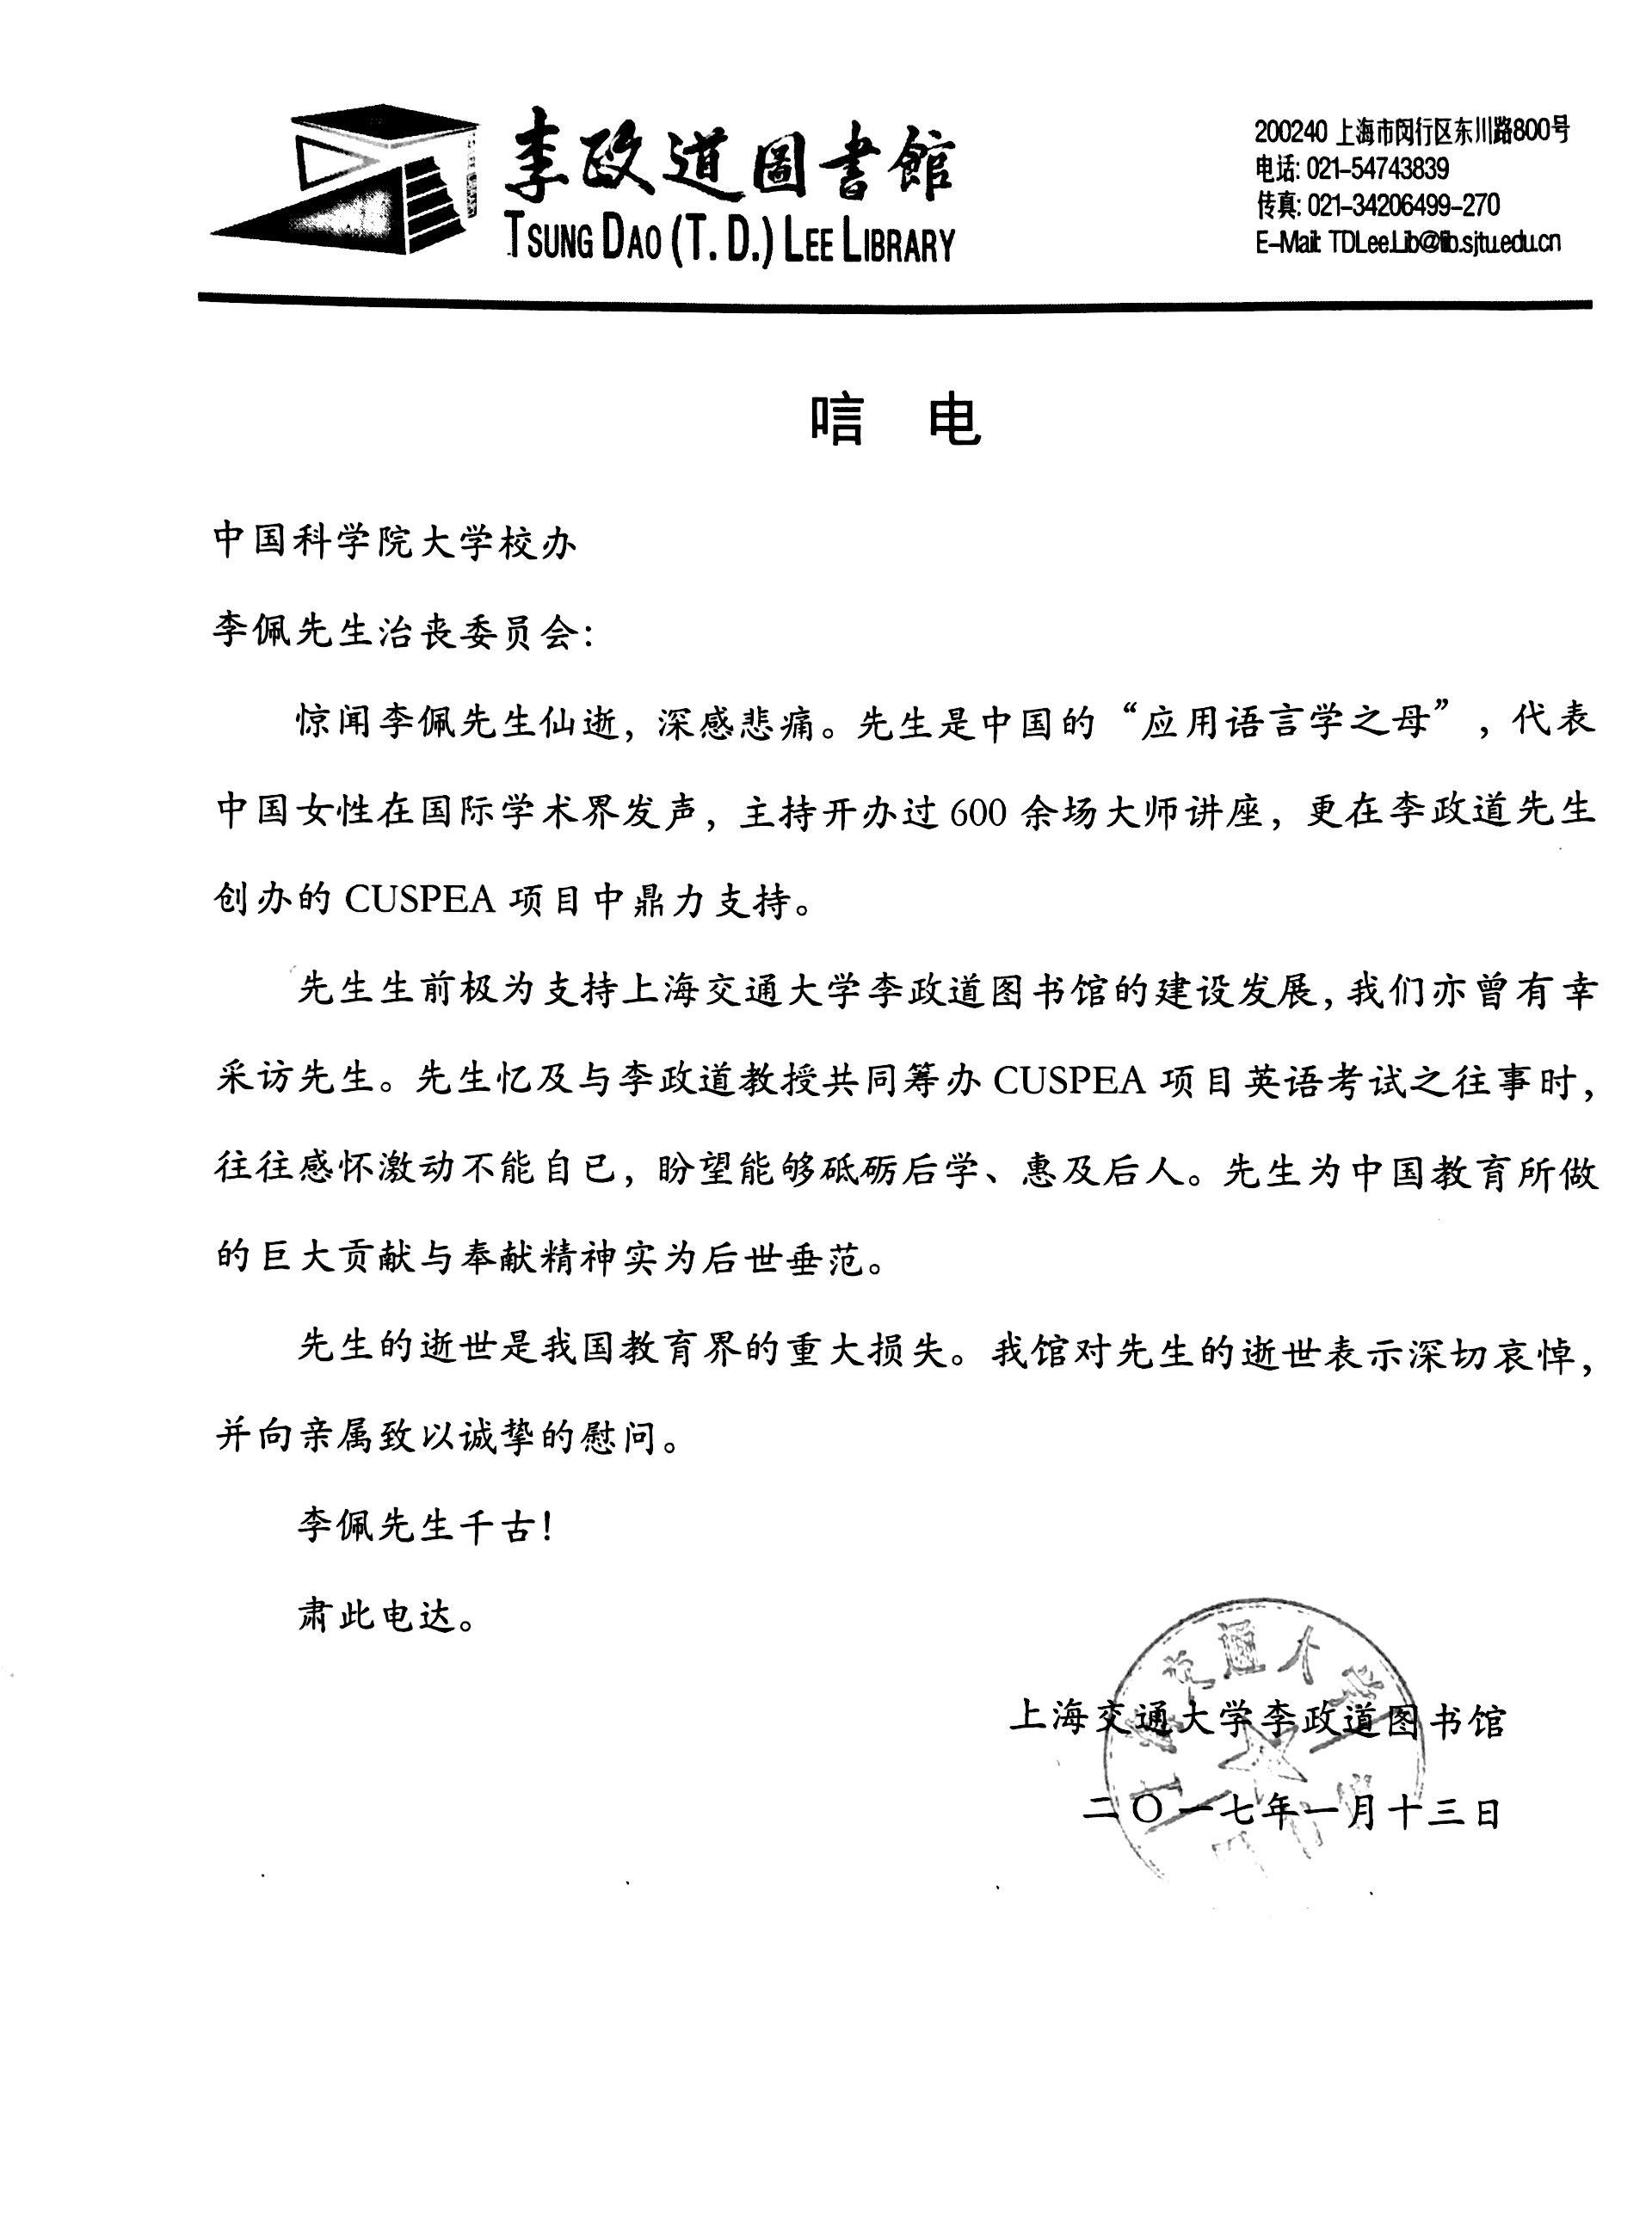 上海交通大学李政道图书馆致李佩先生治丧委员会唁电